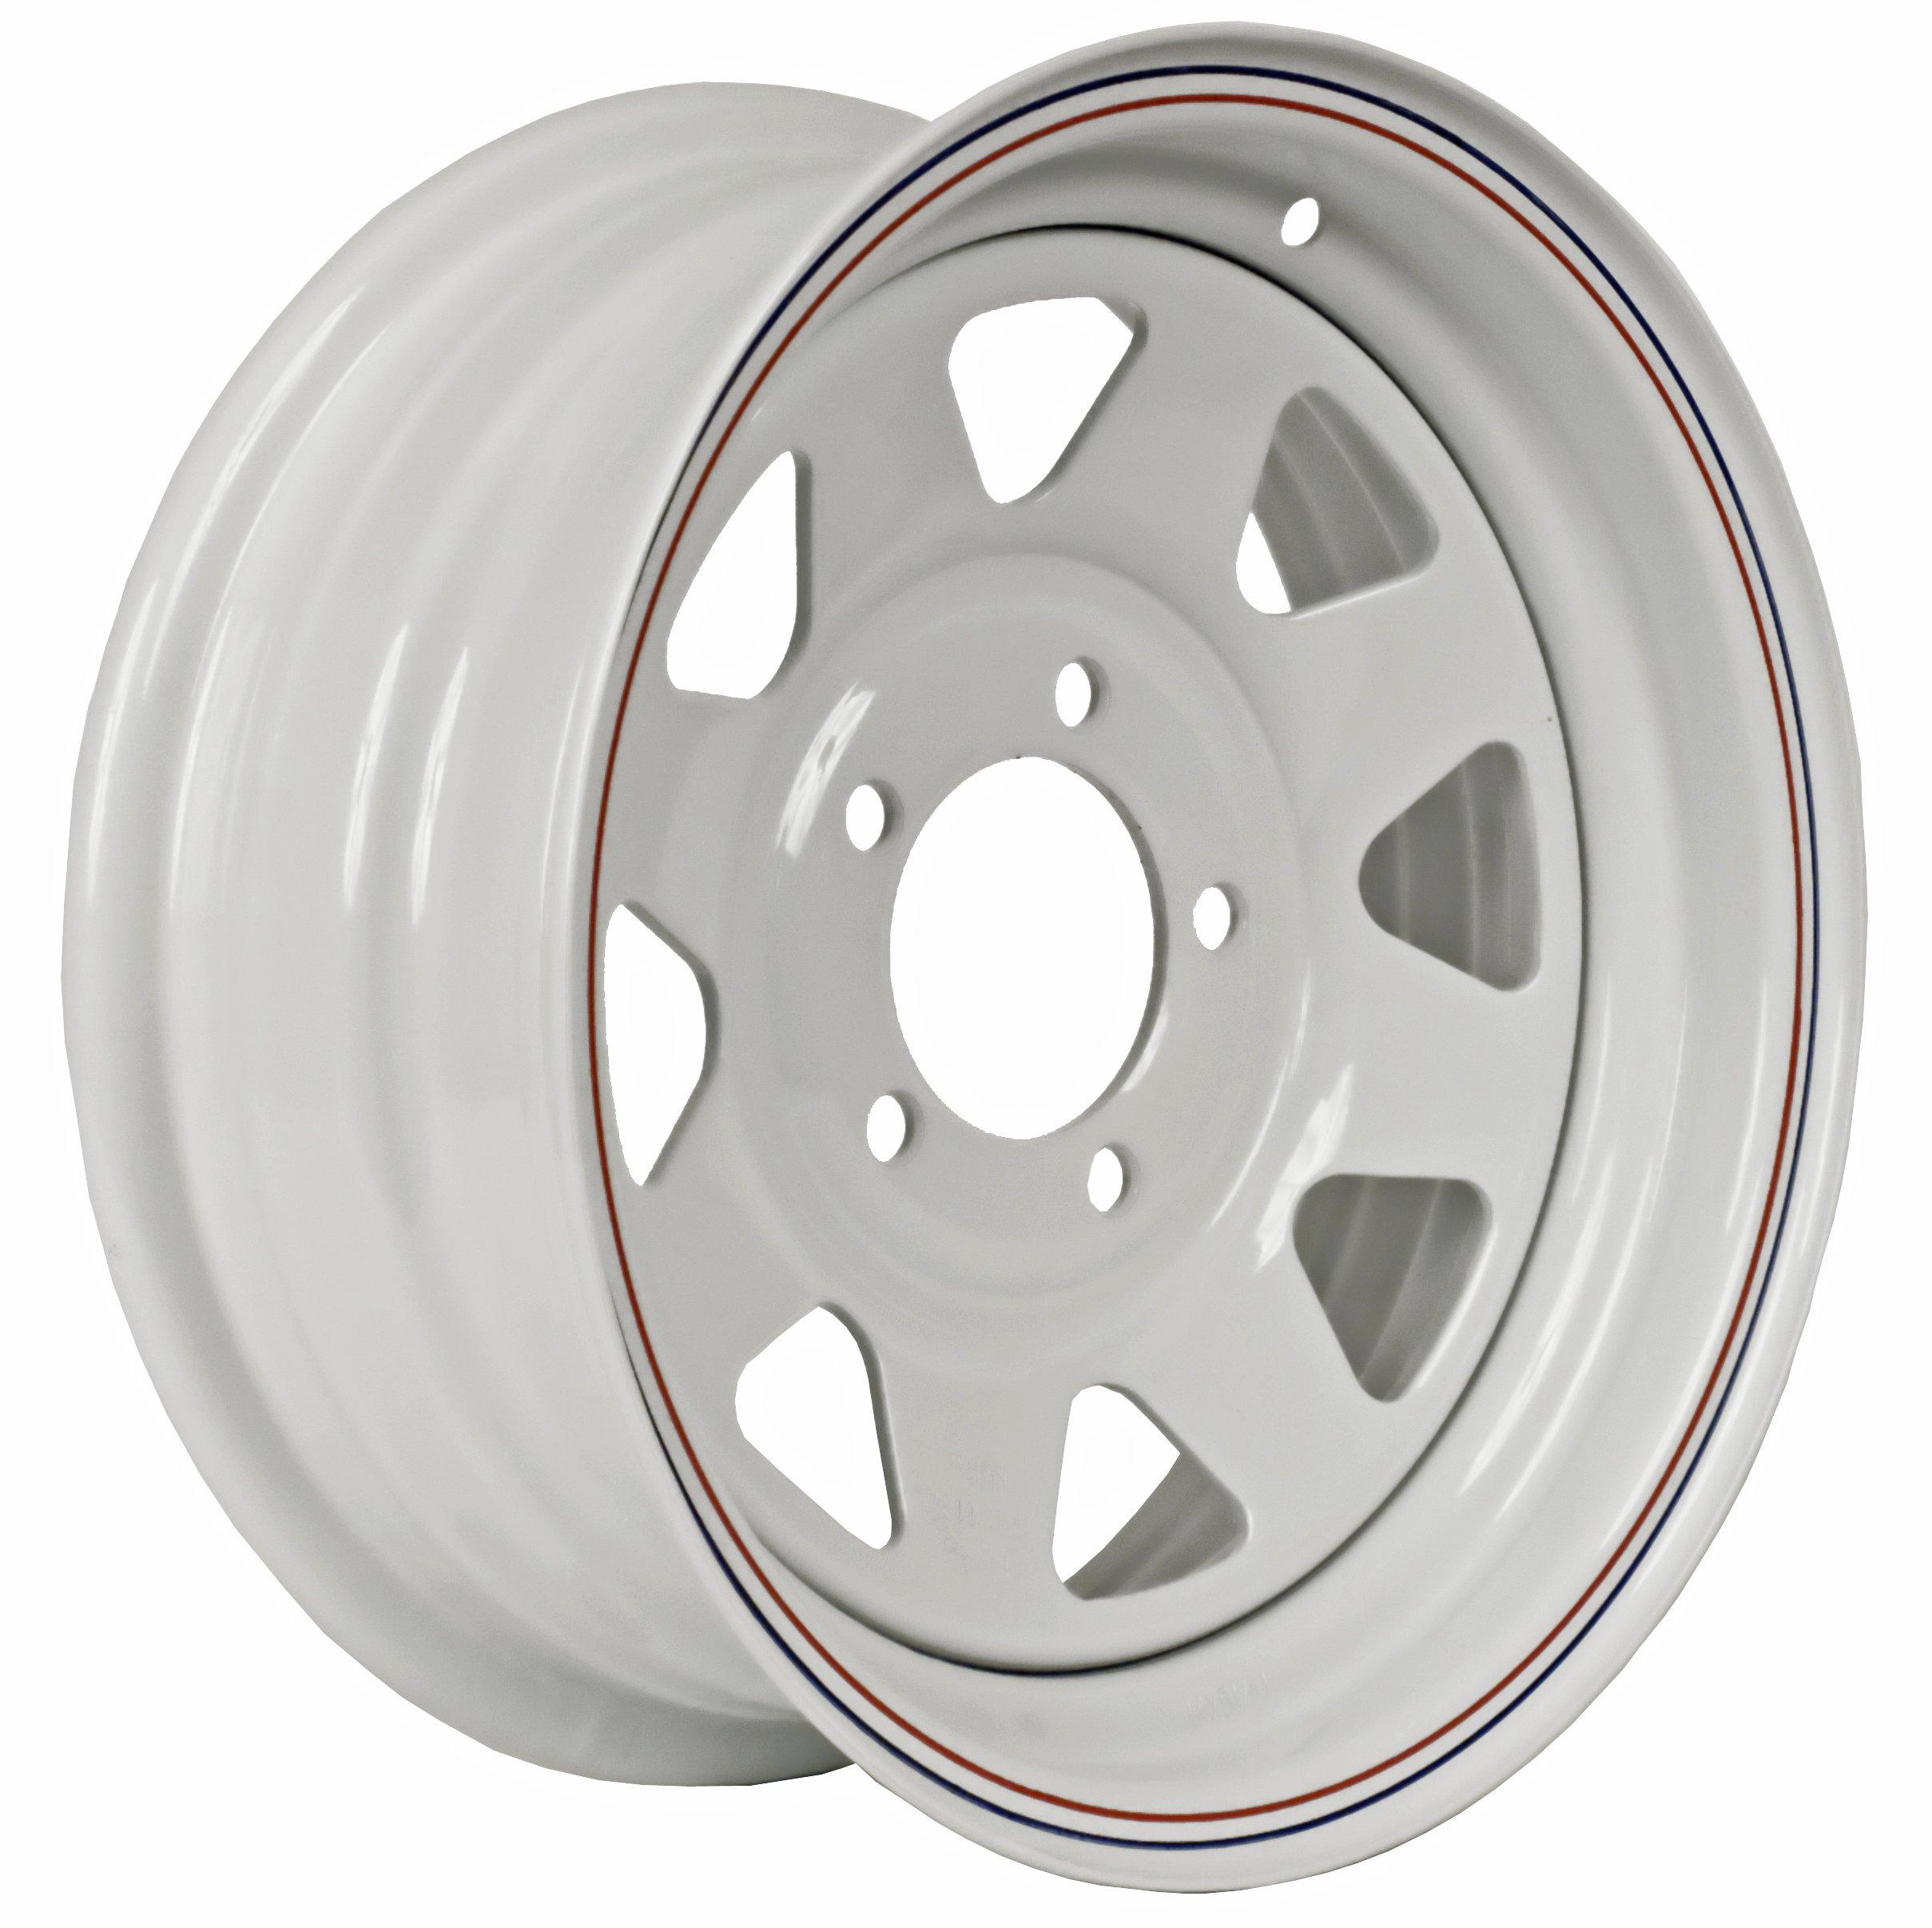 Martin Wheel 5-Hole Steel Custom Spoke Trailer Wheel (15x6/5x4.5)